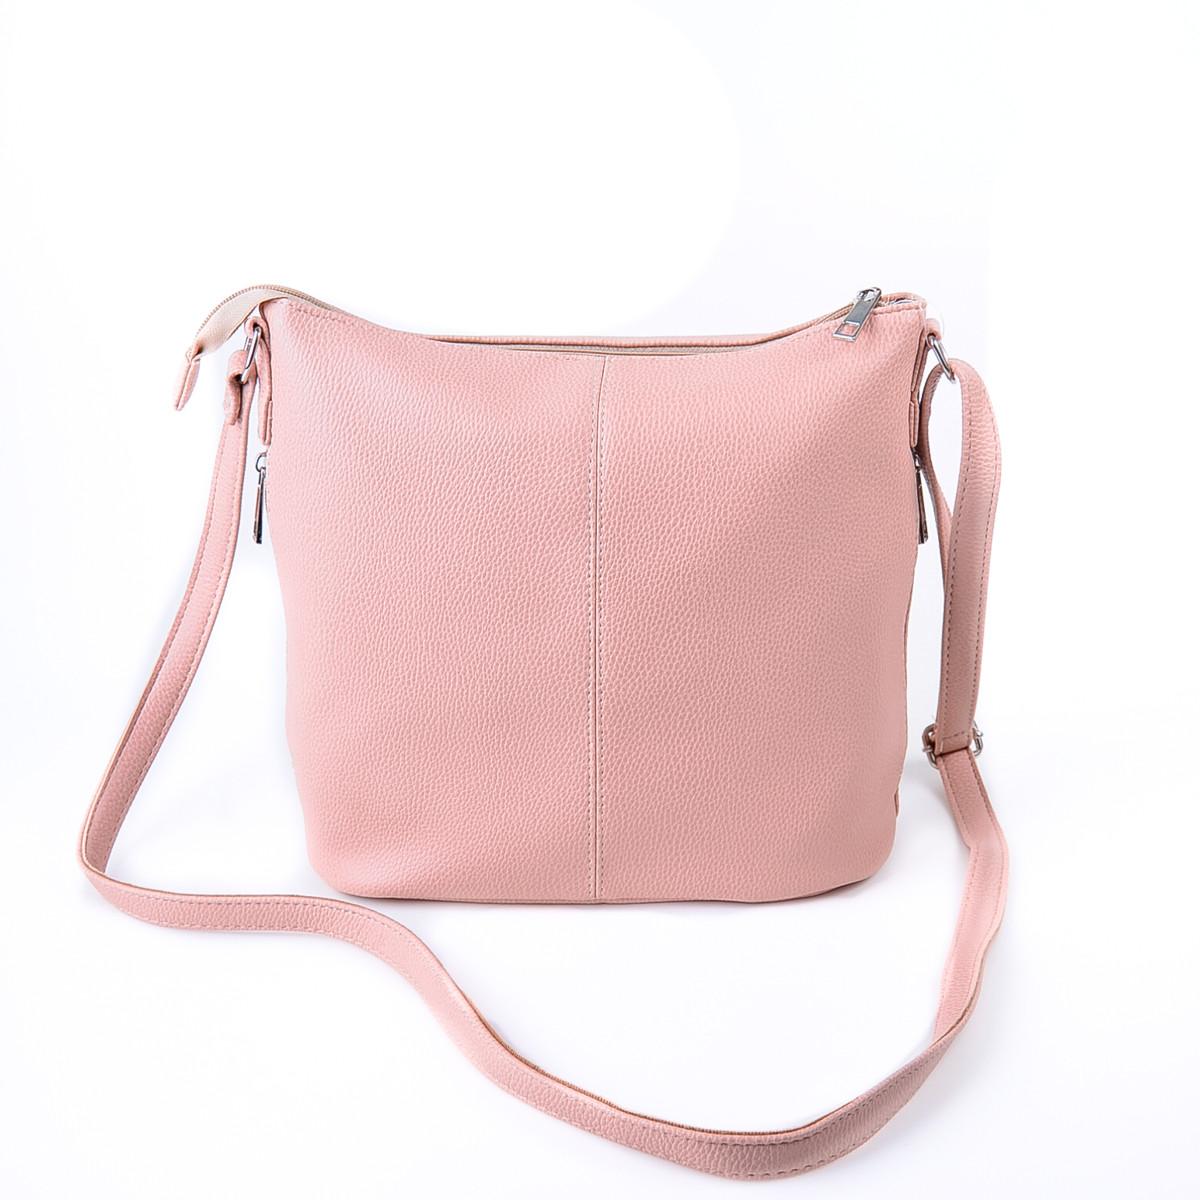 cea69d3116b5 Купить женскую сумку кросс-боди М78-65 в интернет-магазине «Камелия»